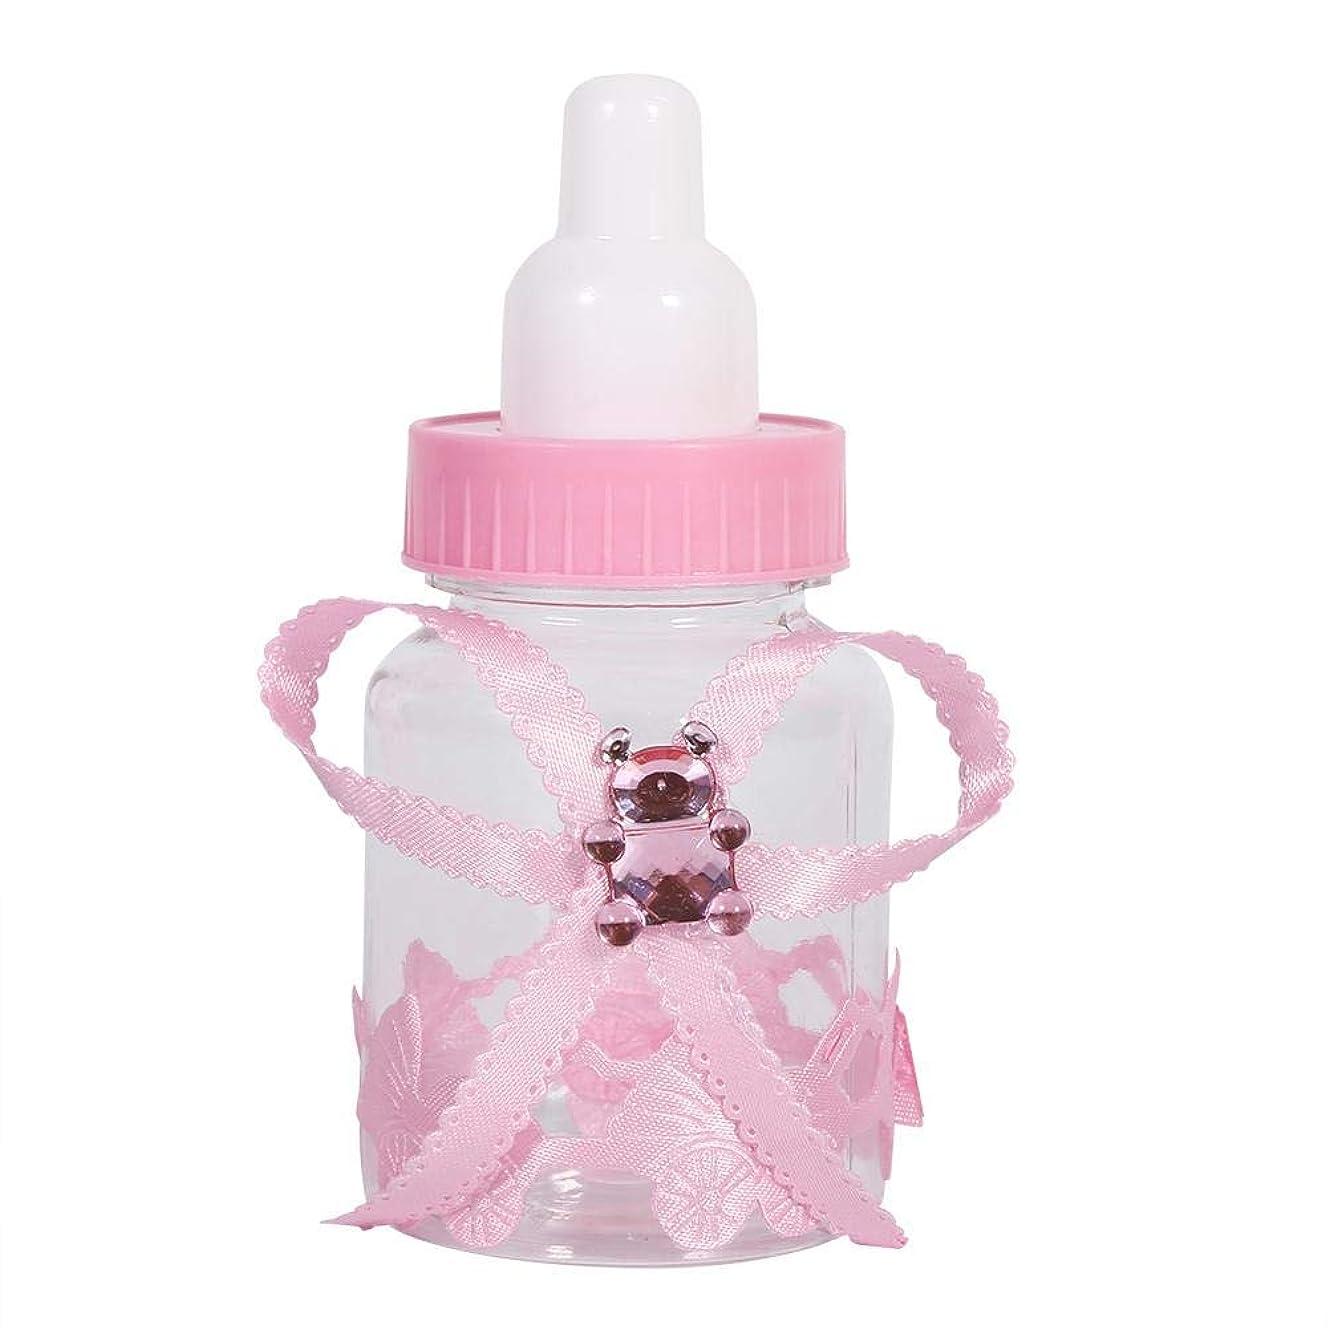 科学者アイスクリームで出来ているAsixx キャンディーボトル 50個入り キャンディ入れ キャンディー瓶 哺乳瓶型 かわいい プラスチック製 飴入れ 結婚式 祝日 出産祝い キャンディー箱(ピンク)